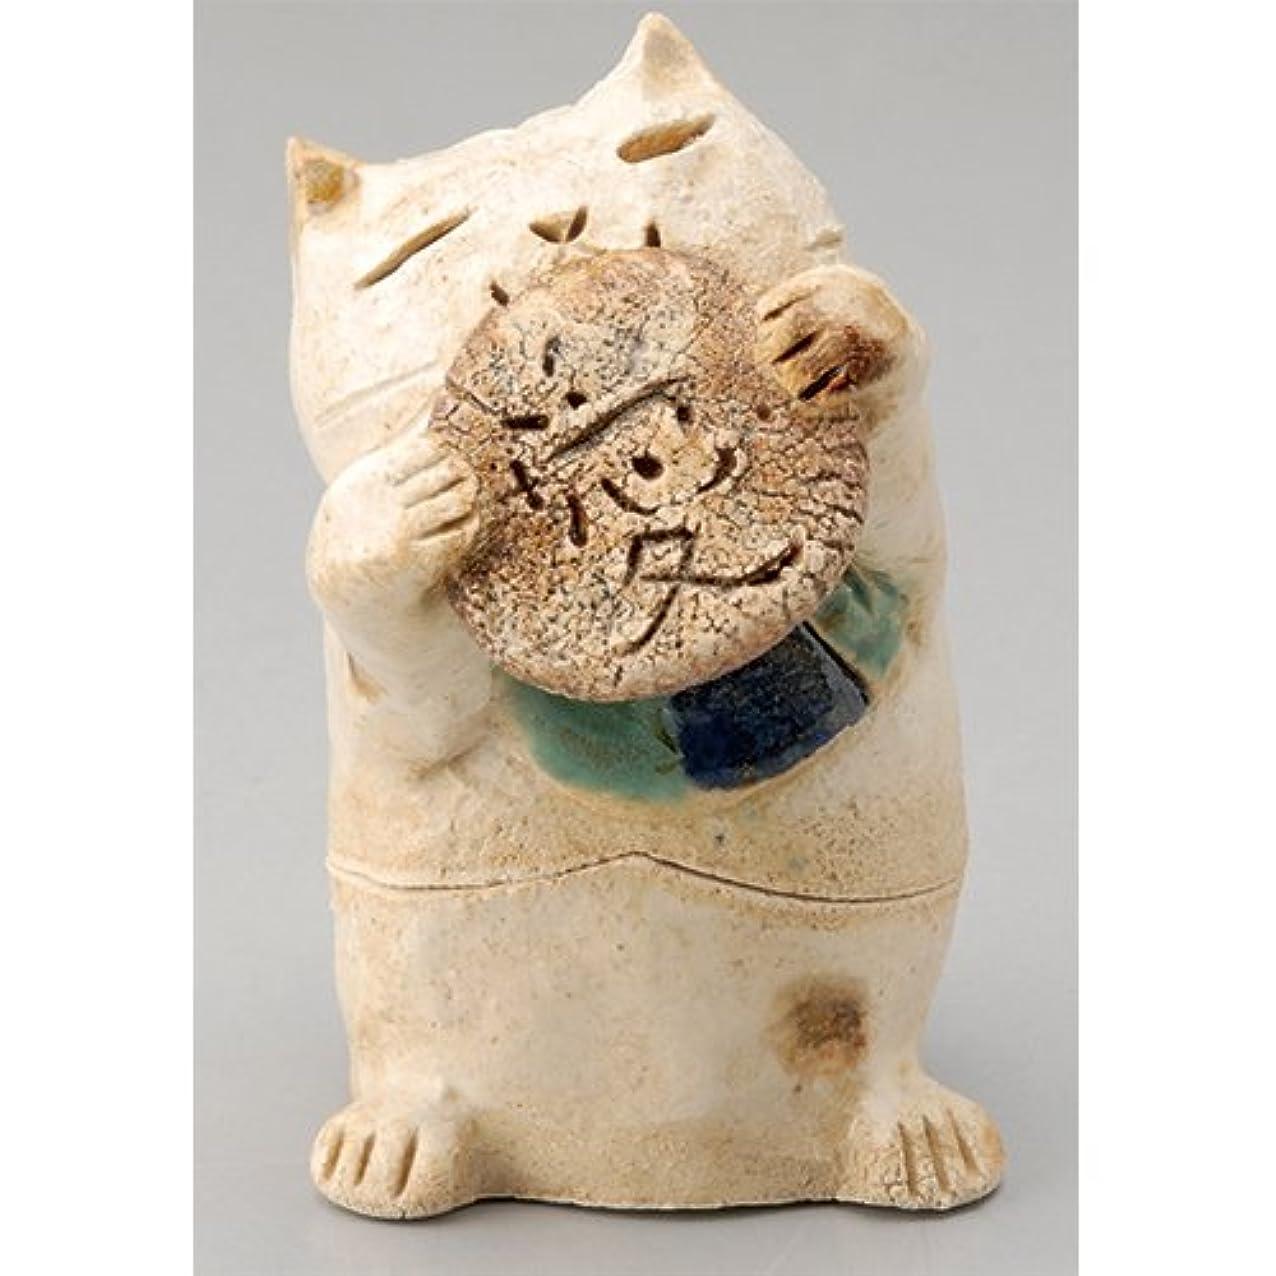 ティーム記念日文字香炉 ごえん猫 香炉(愛) [H8cm] HANDMADE プレゼント ギフト 和食器 かわいい インテリア